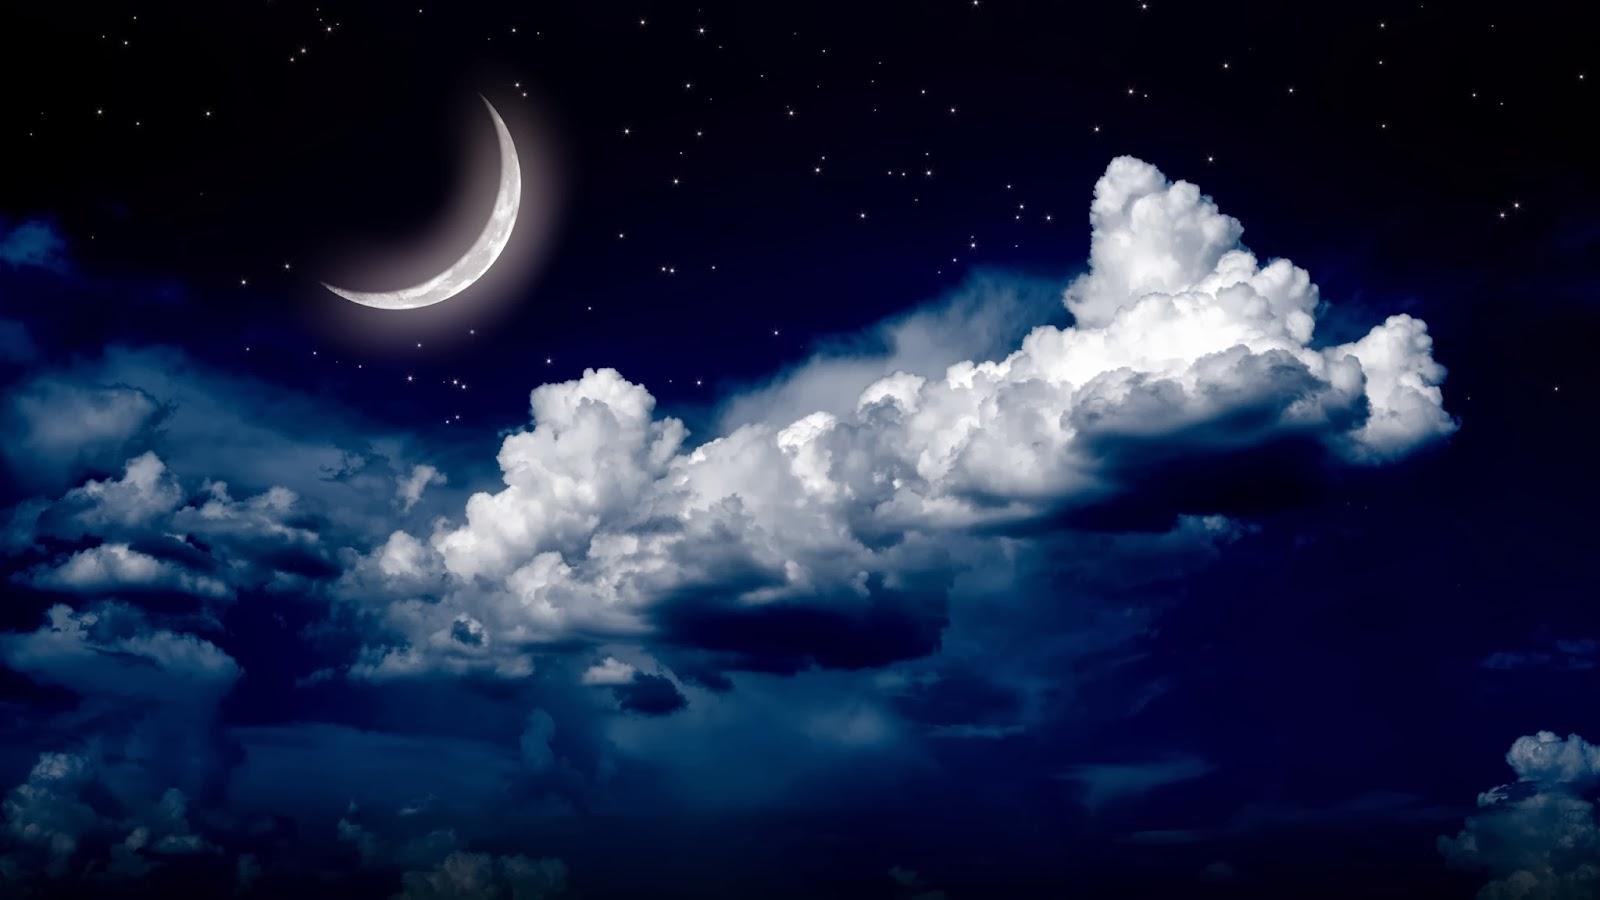 بالصور صور قمر , اجمل خلفيات للقمر 922 1